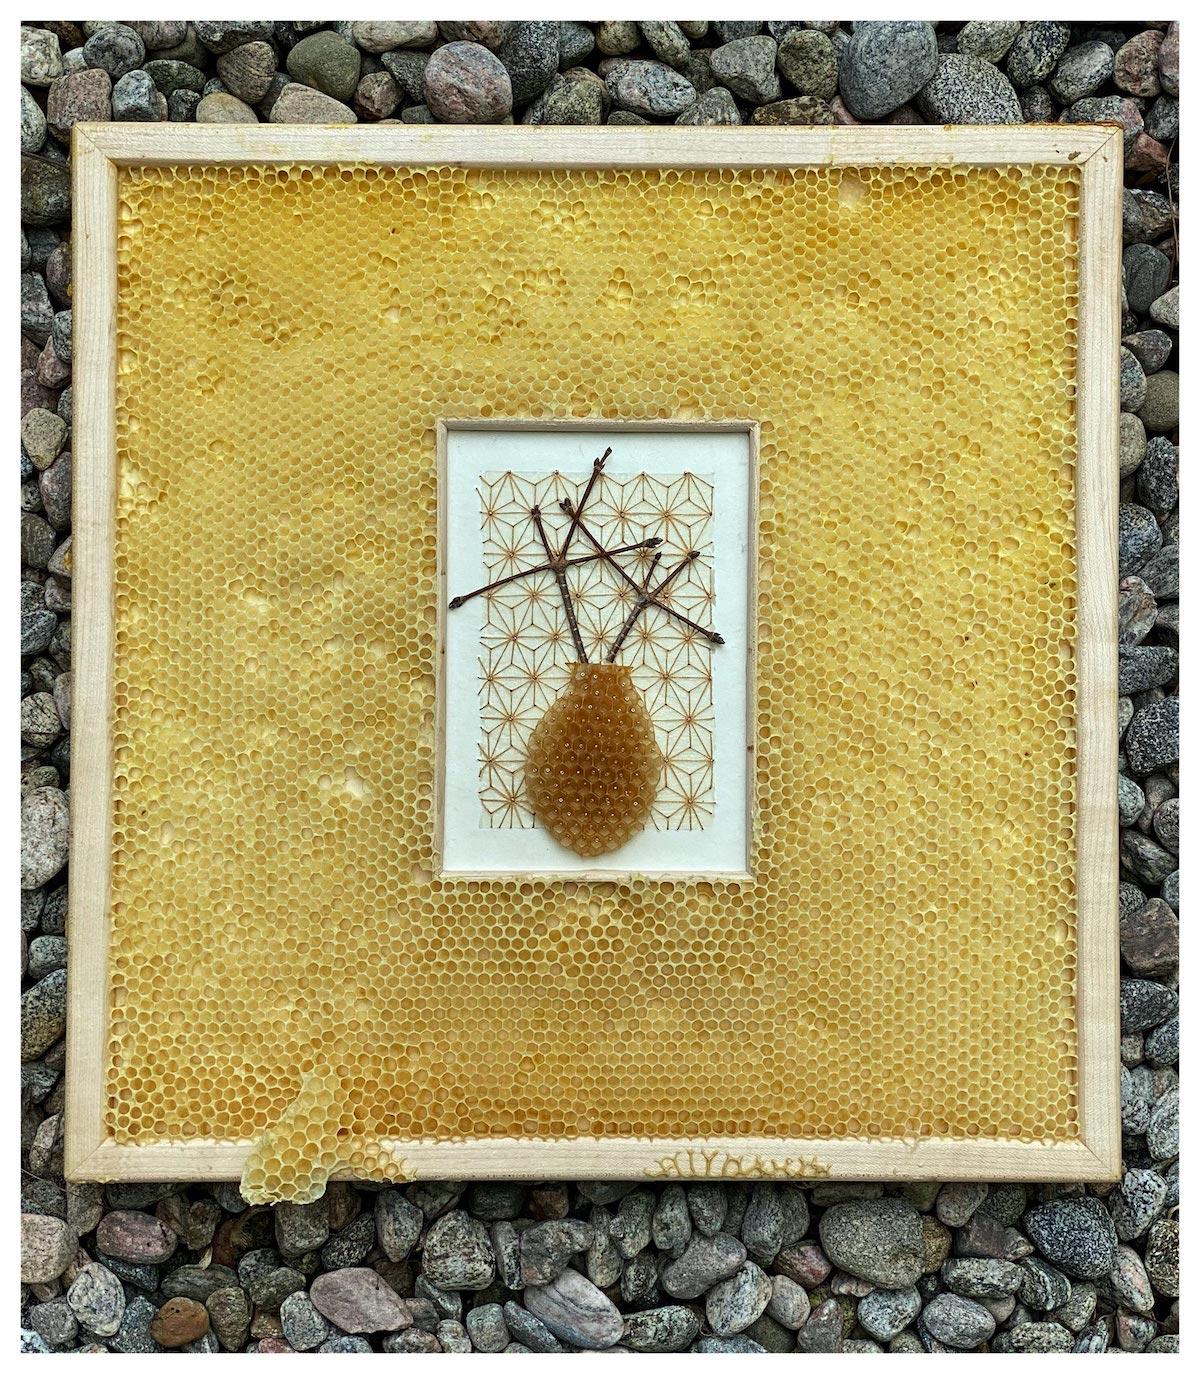 Mixed Media Honeycomb by Ava Roth